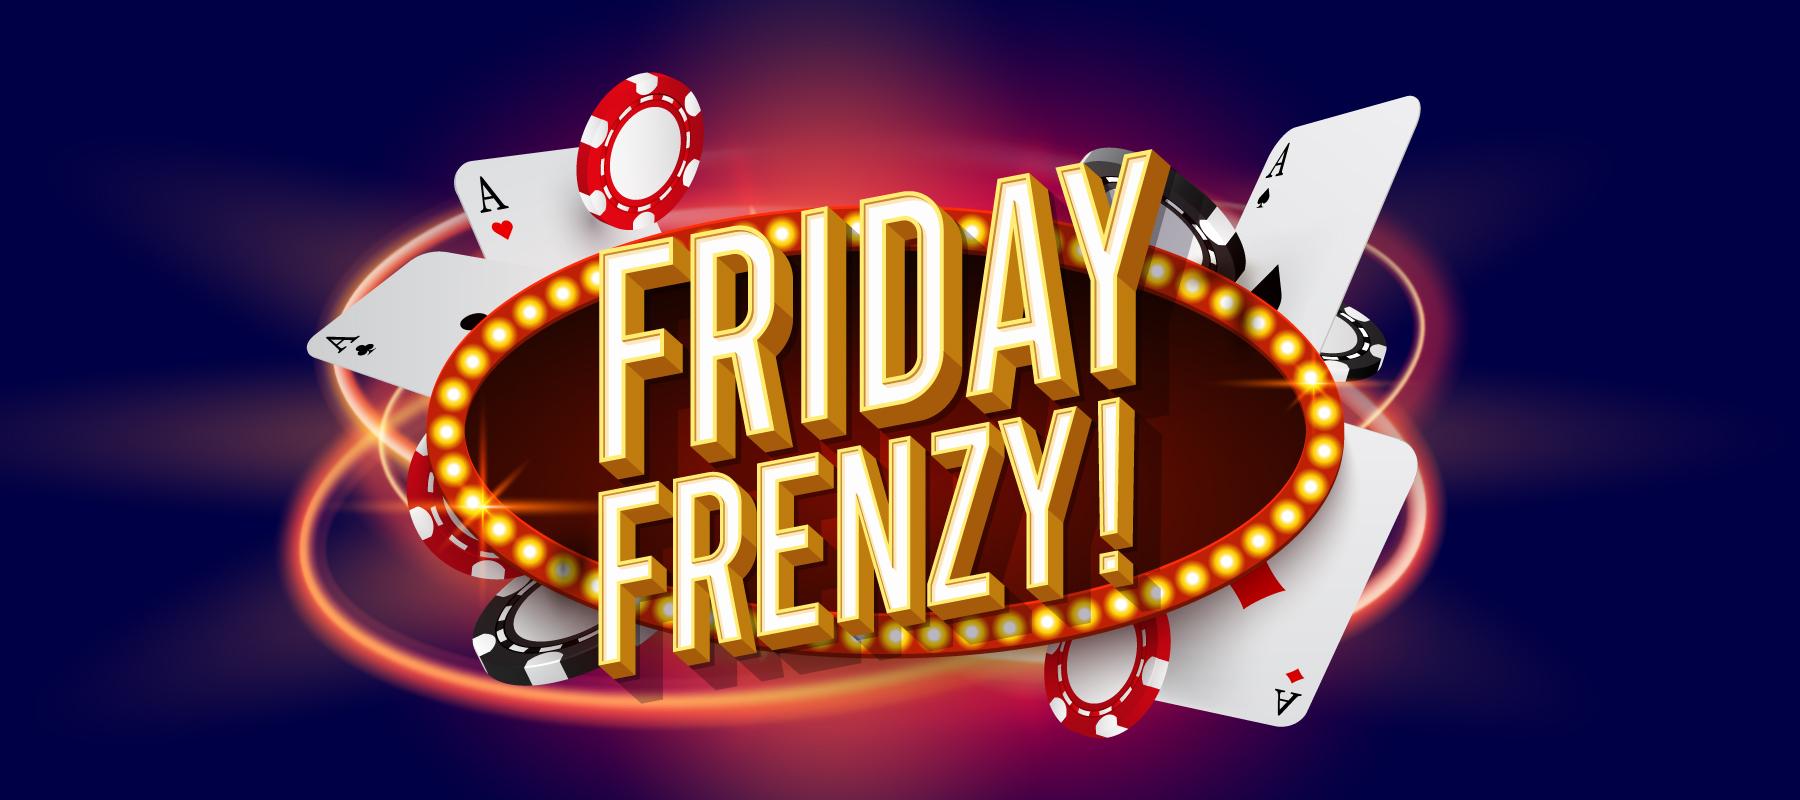 Friday Frenzy